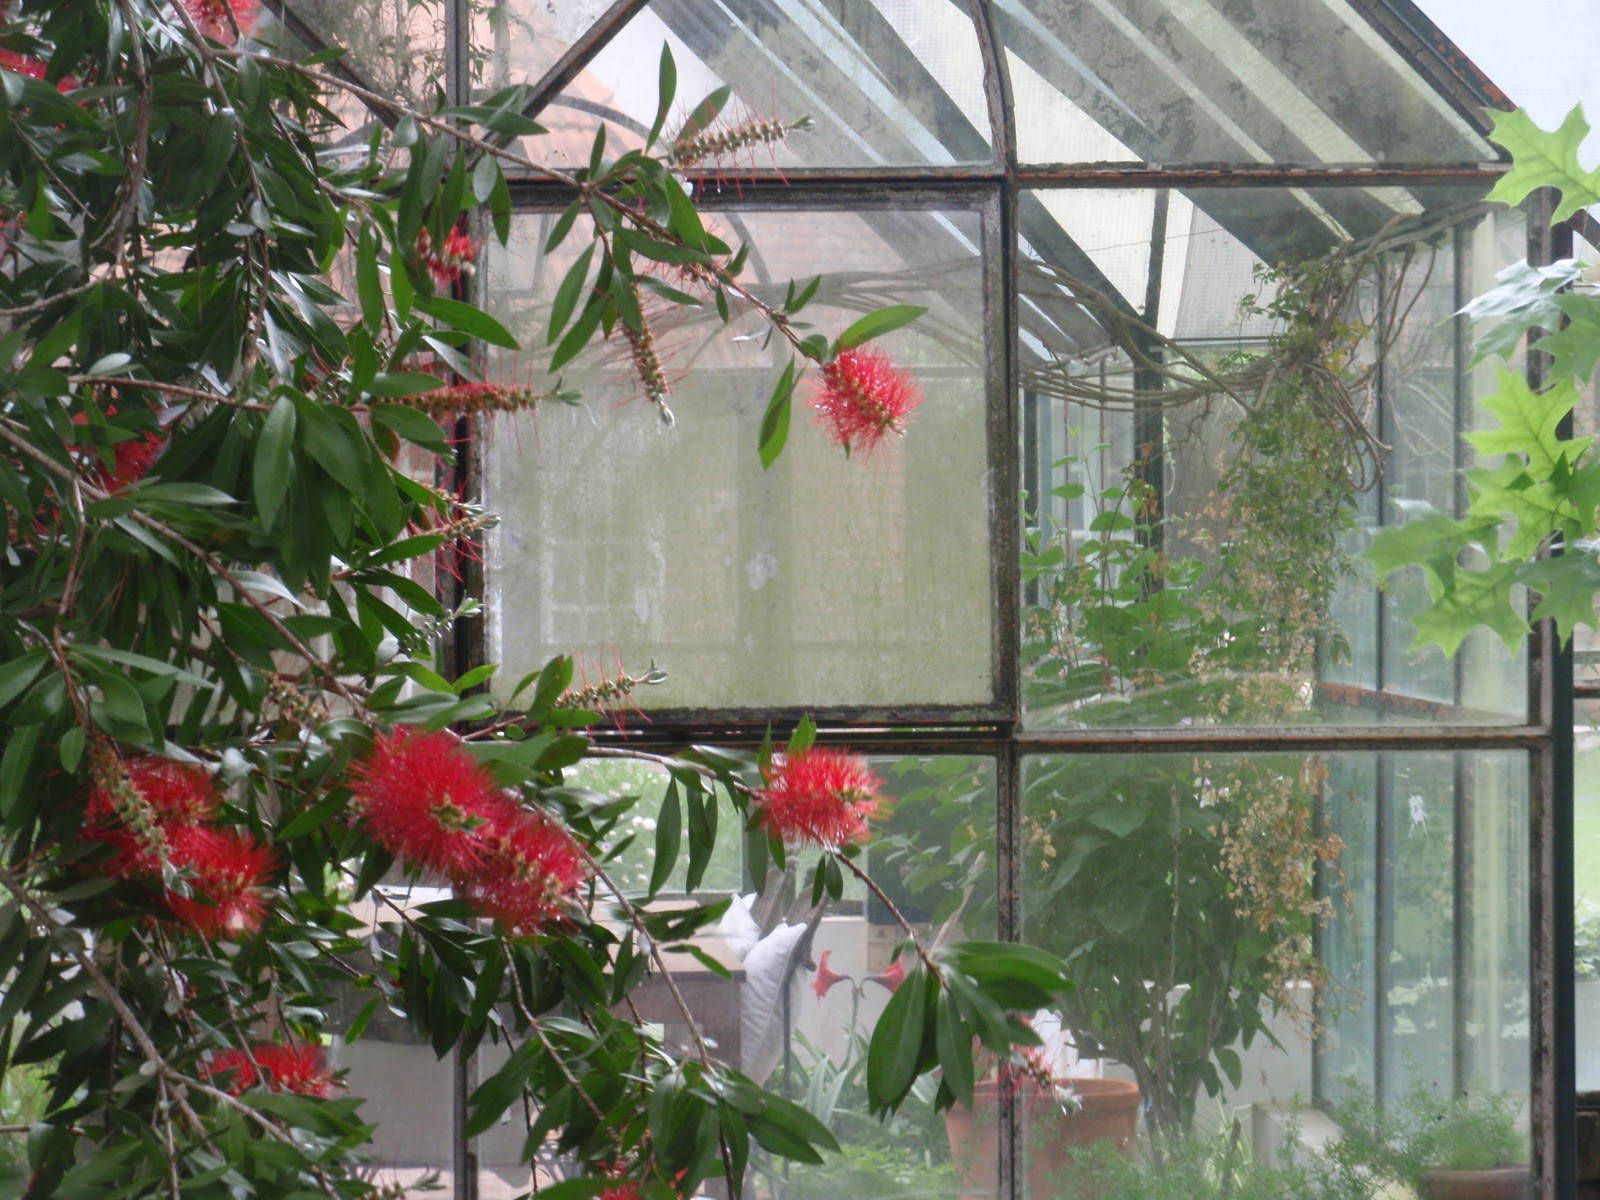 Bonheur maison proyecto jardin for Cortinas para jardin de invierno